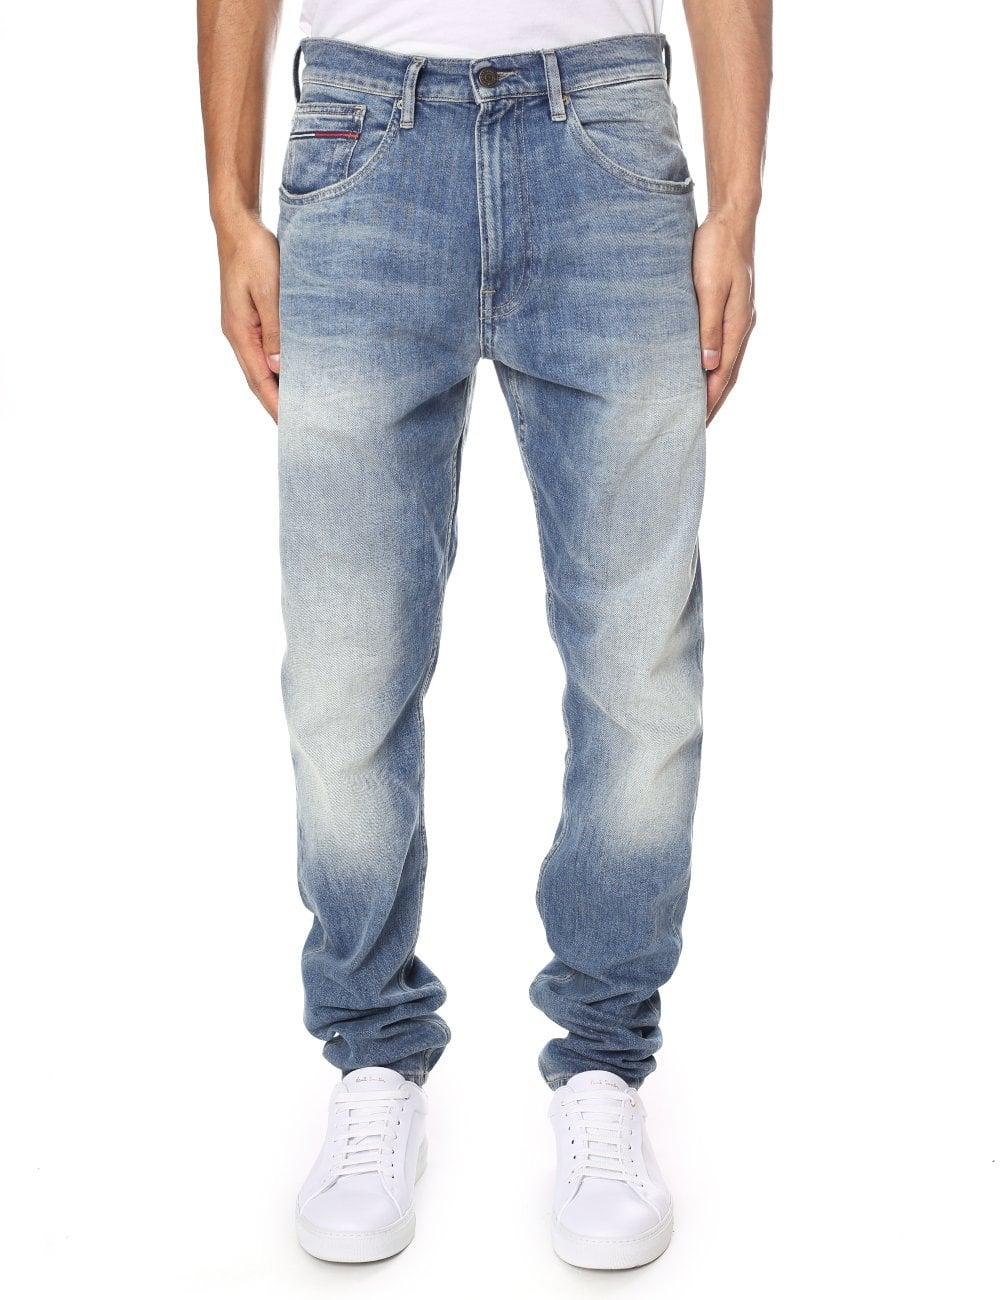 1cfa9ada Tommy Jeans Men's Modern Tapered 1988 Jean